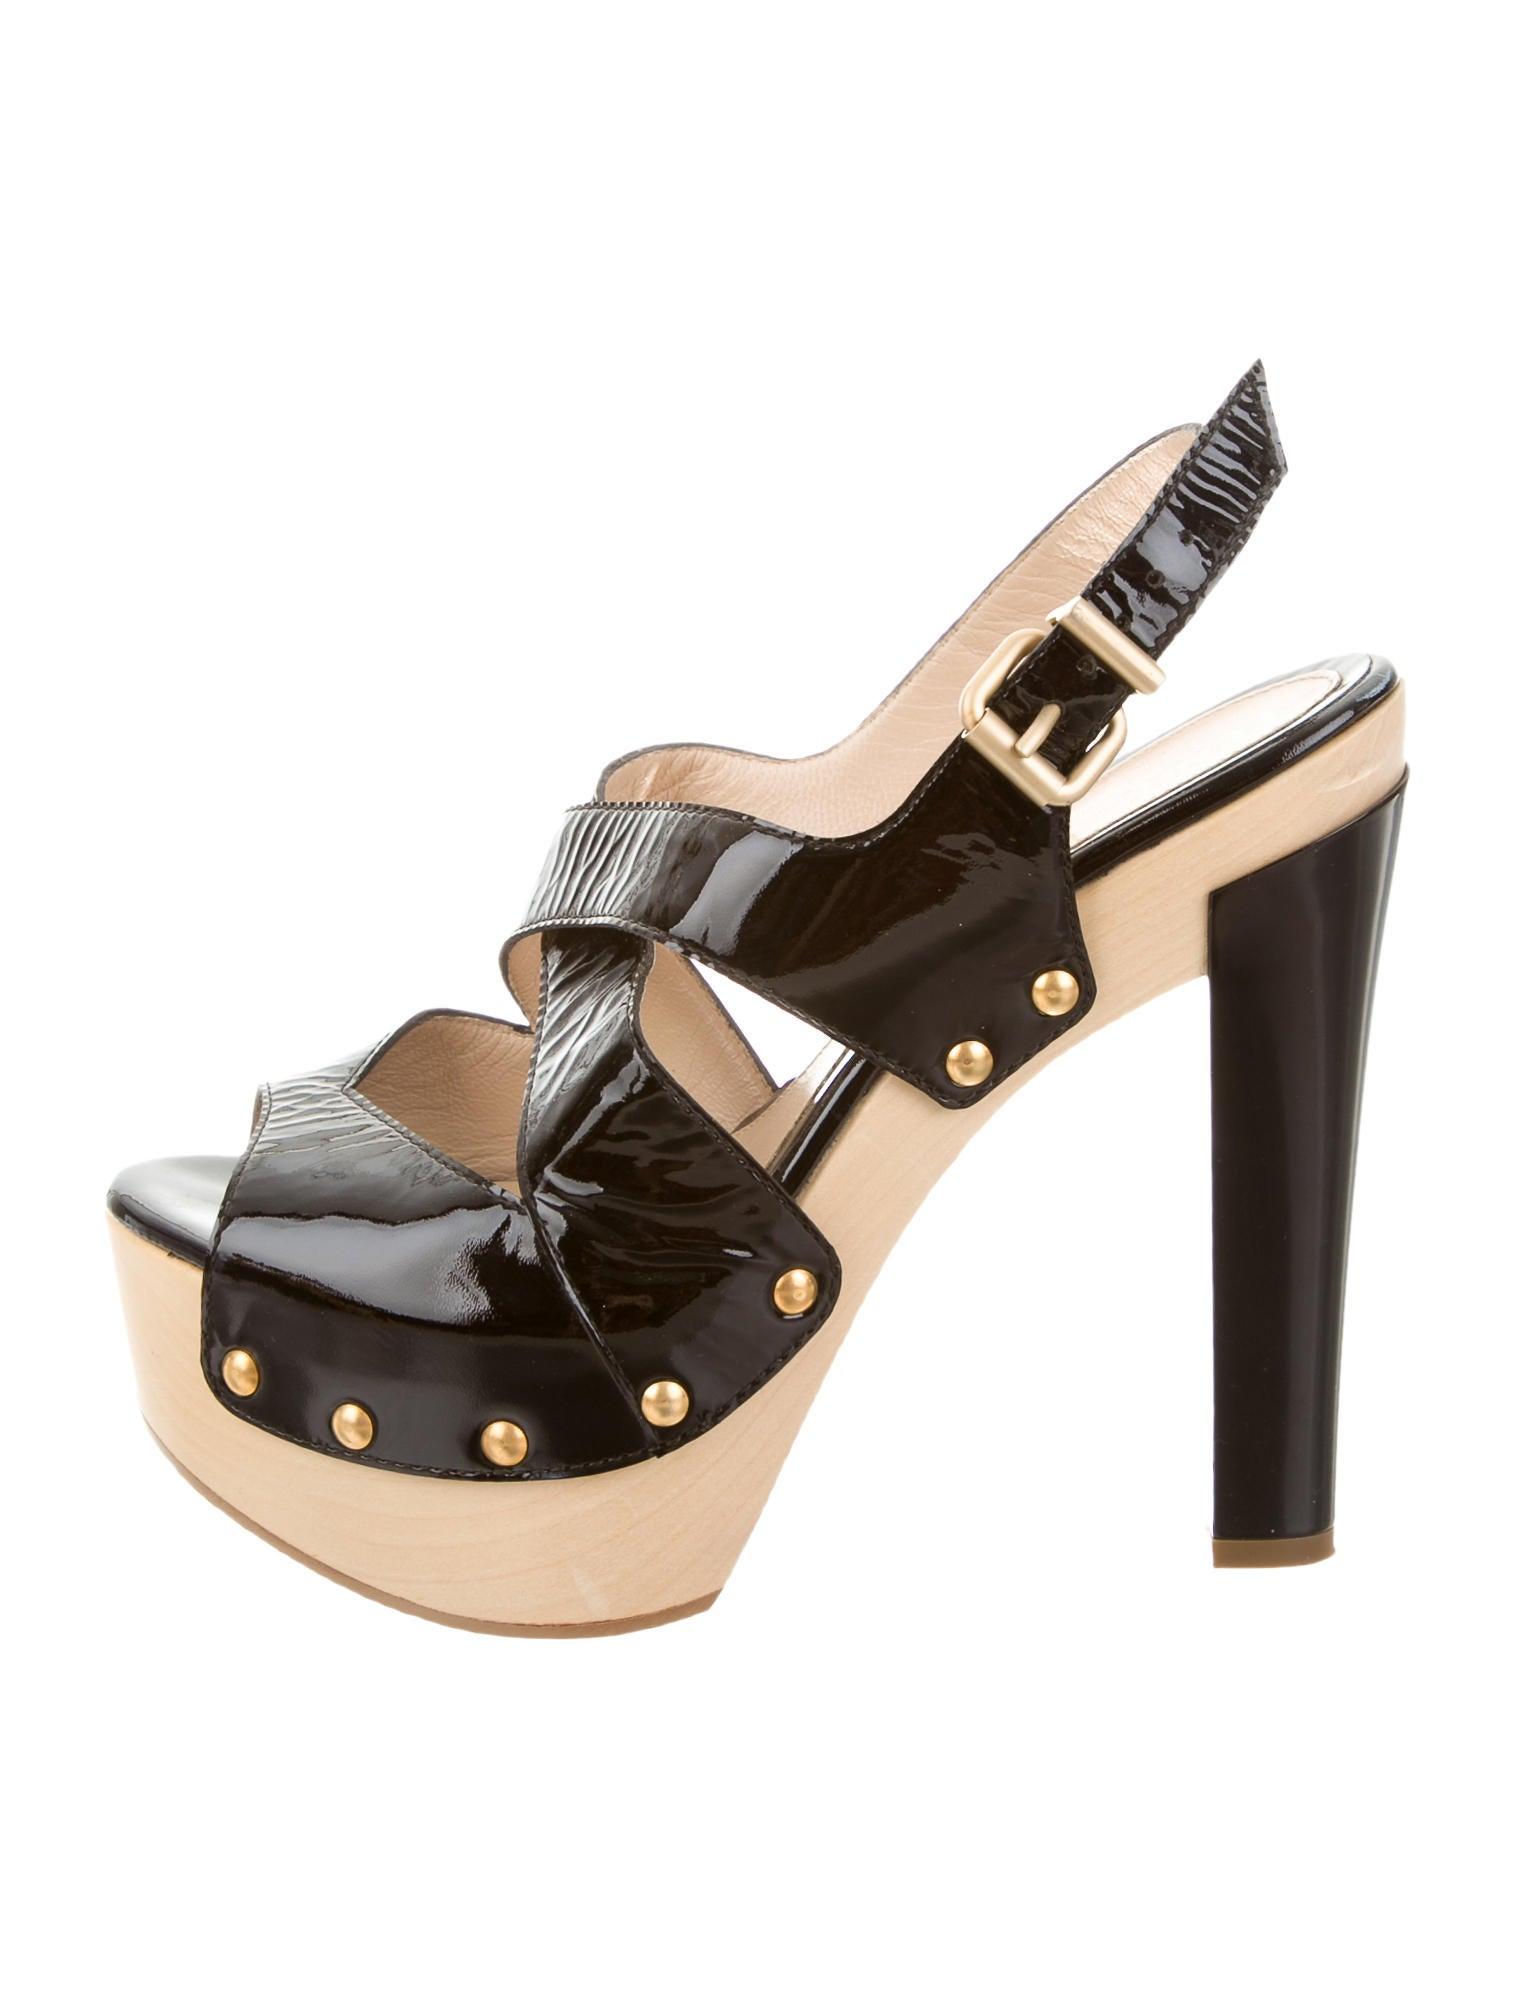 fendi patent leather platform sandals shoes fen47856